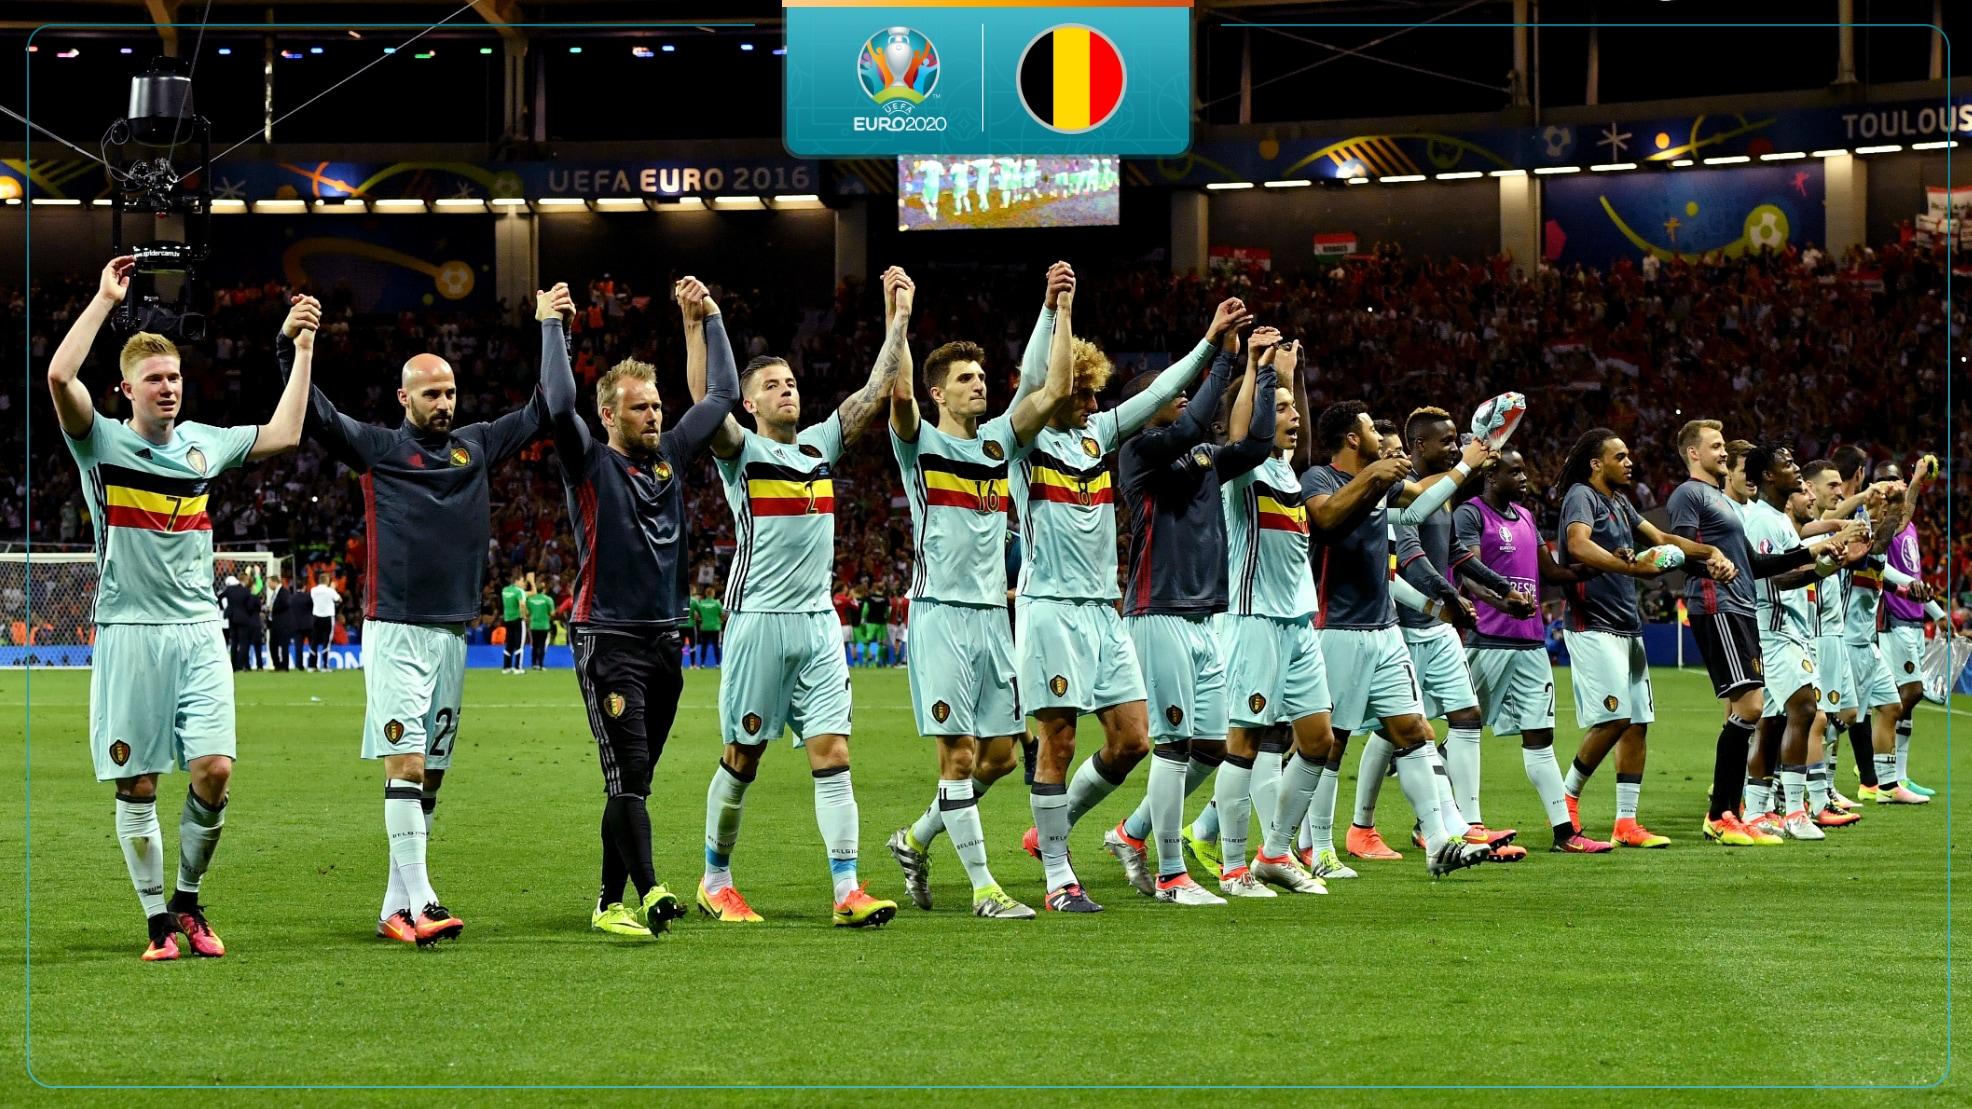 EURO contenders: Belgium